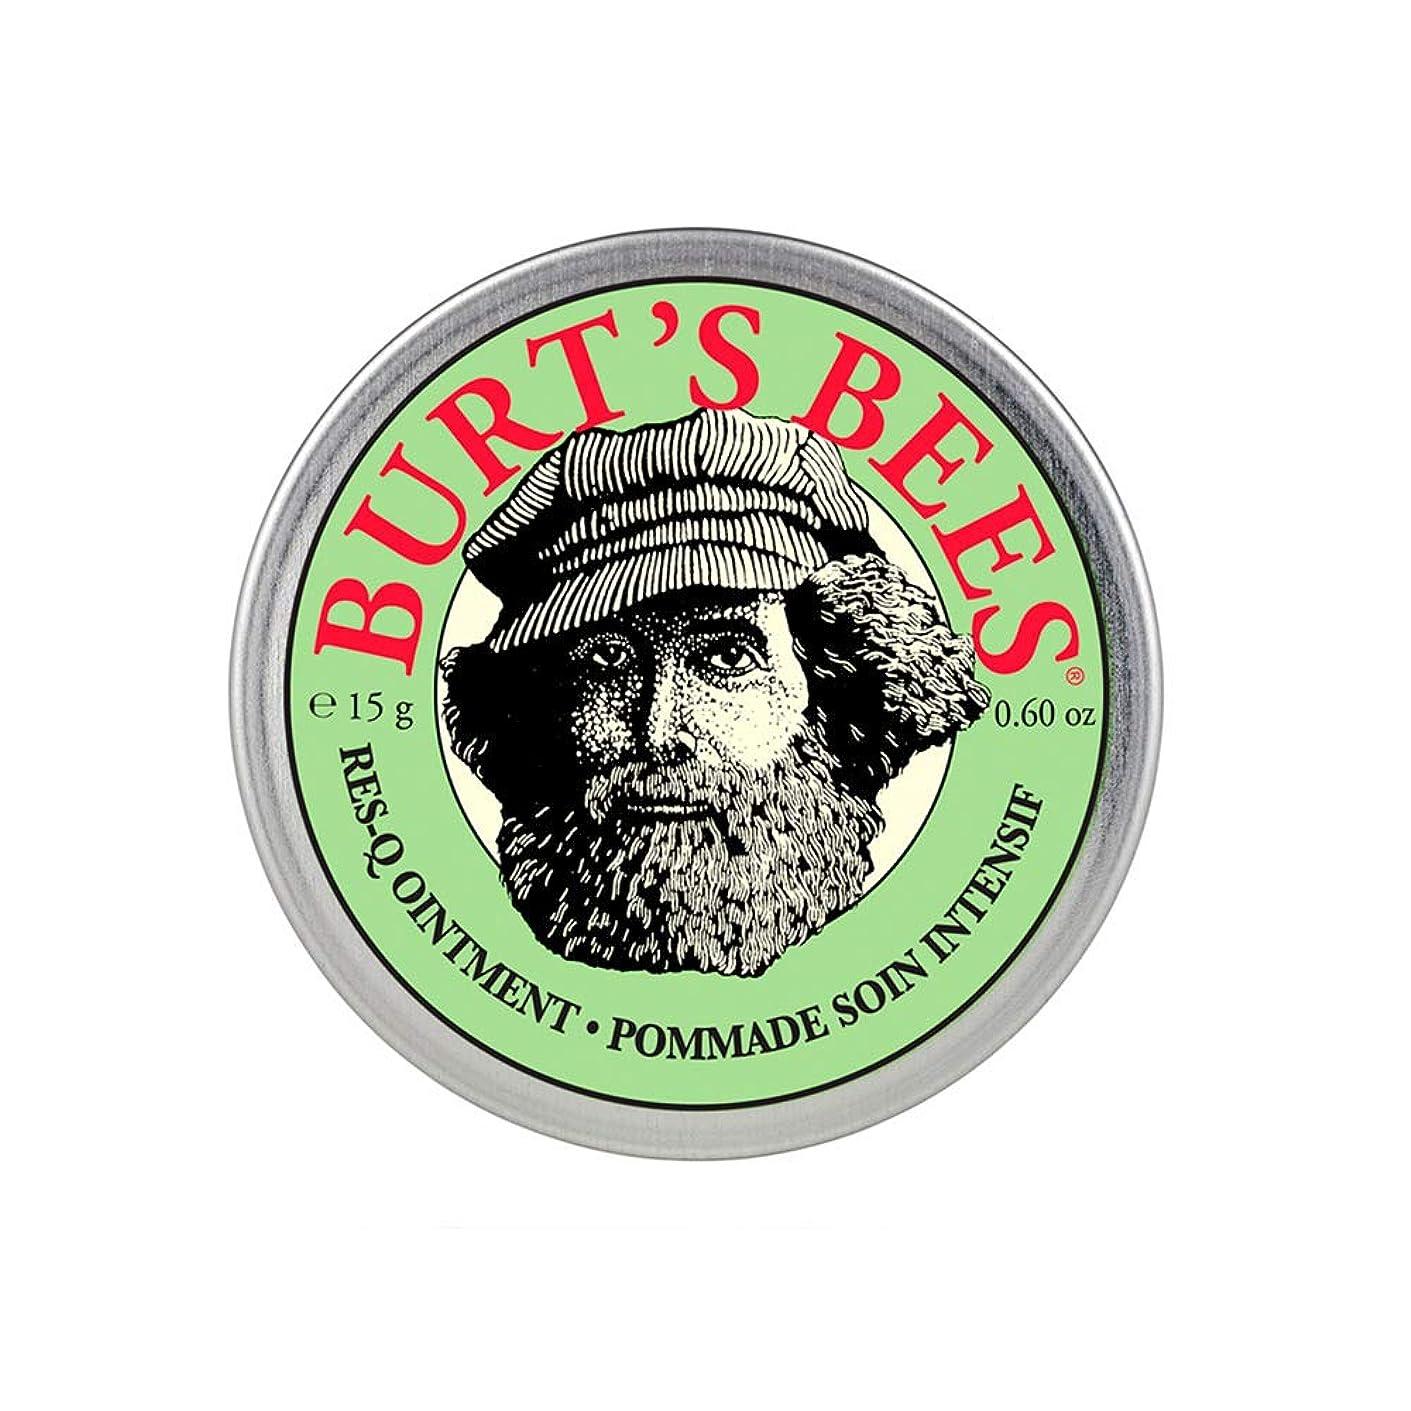 イデオロギー申請者ピアノバーツビーズ(Burt's Bees) レスキュー オイントメント 15g [100%ナチュラル、軟膏] [海外直送][並行輸入品]